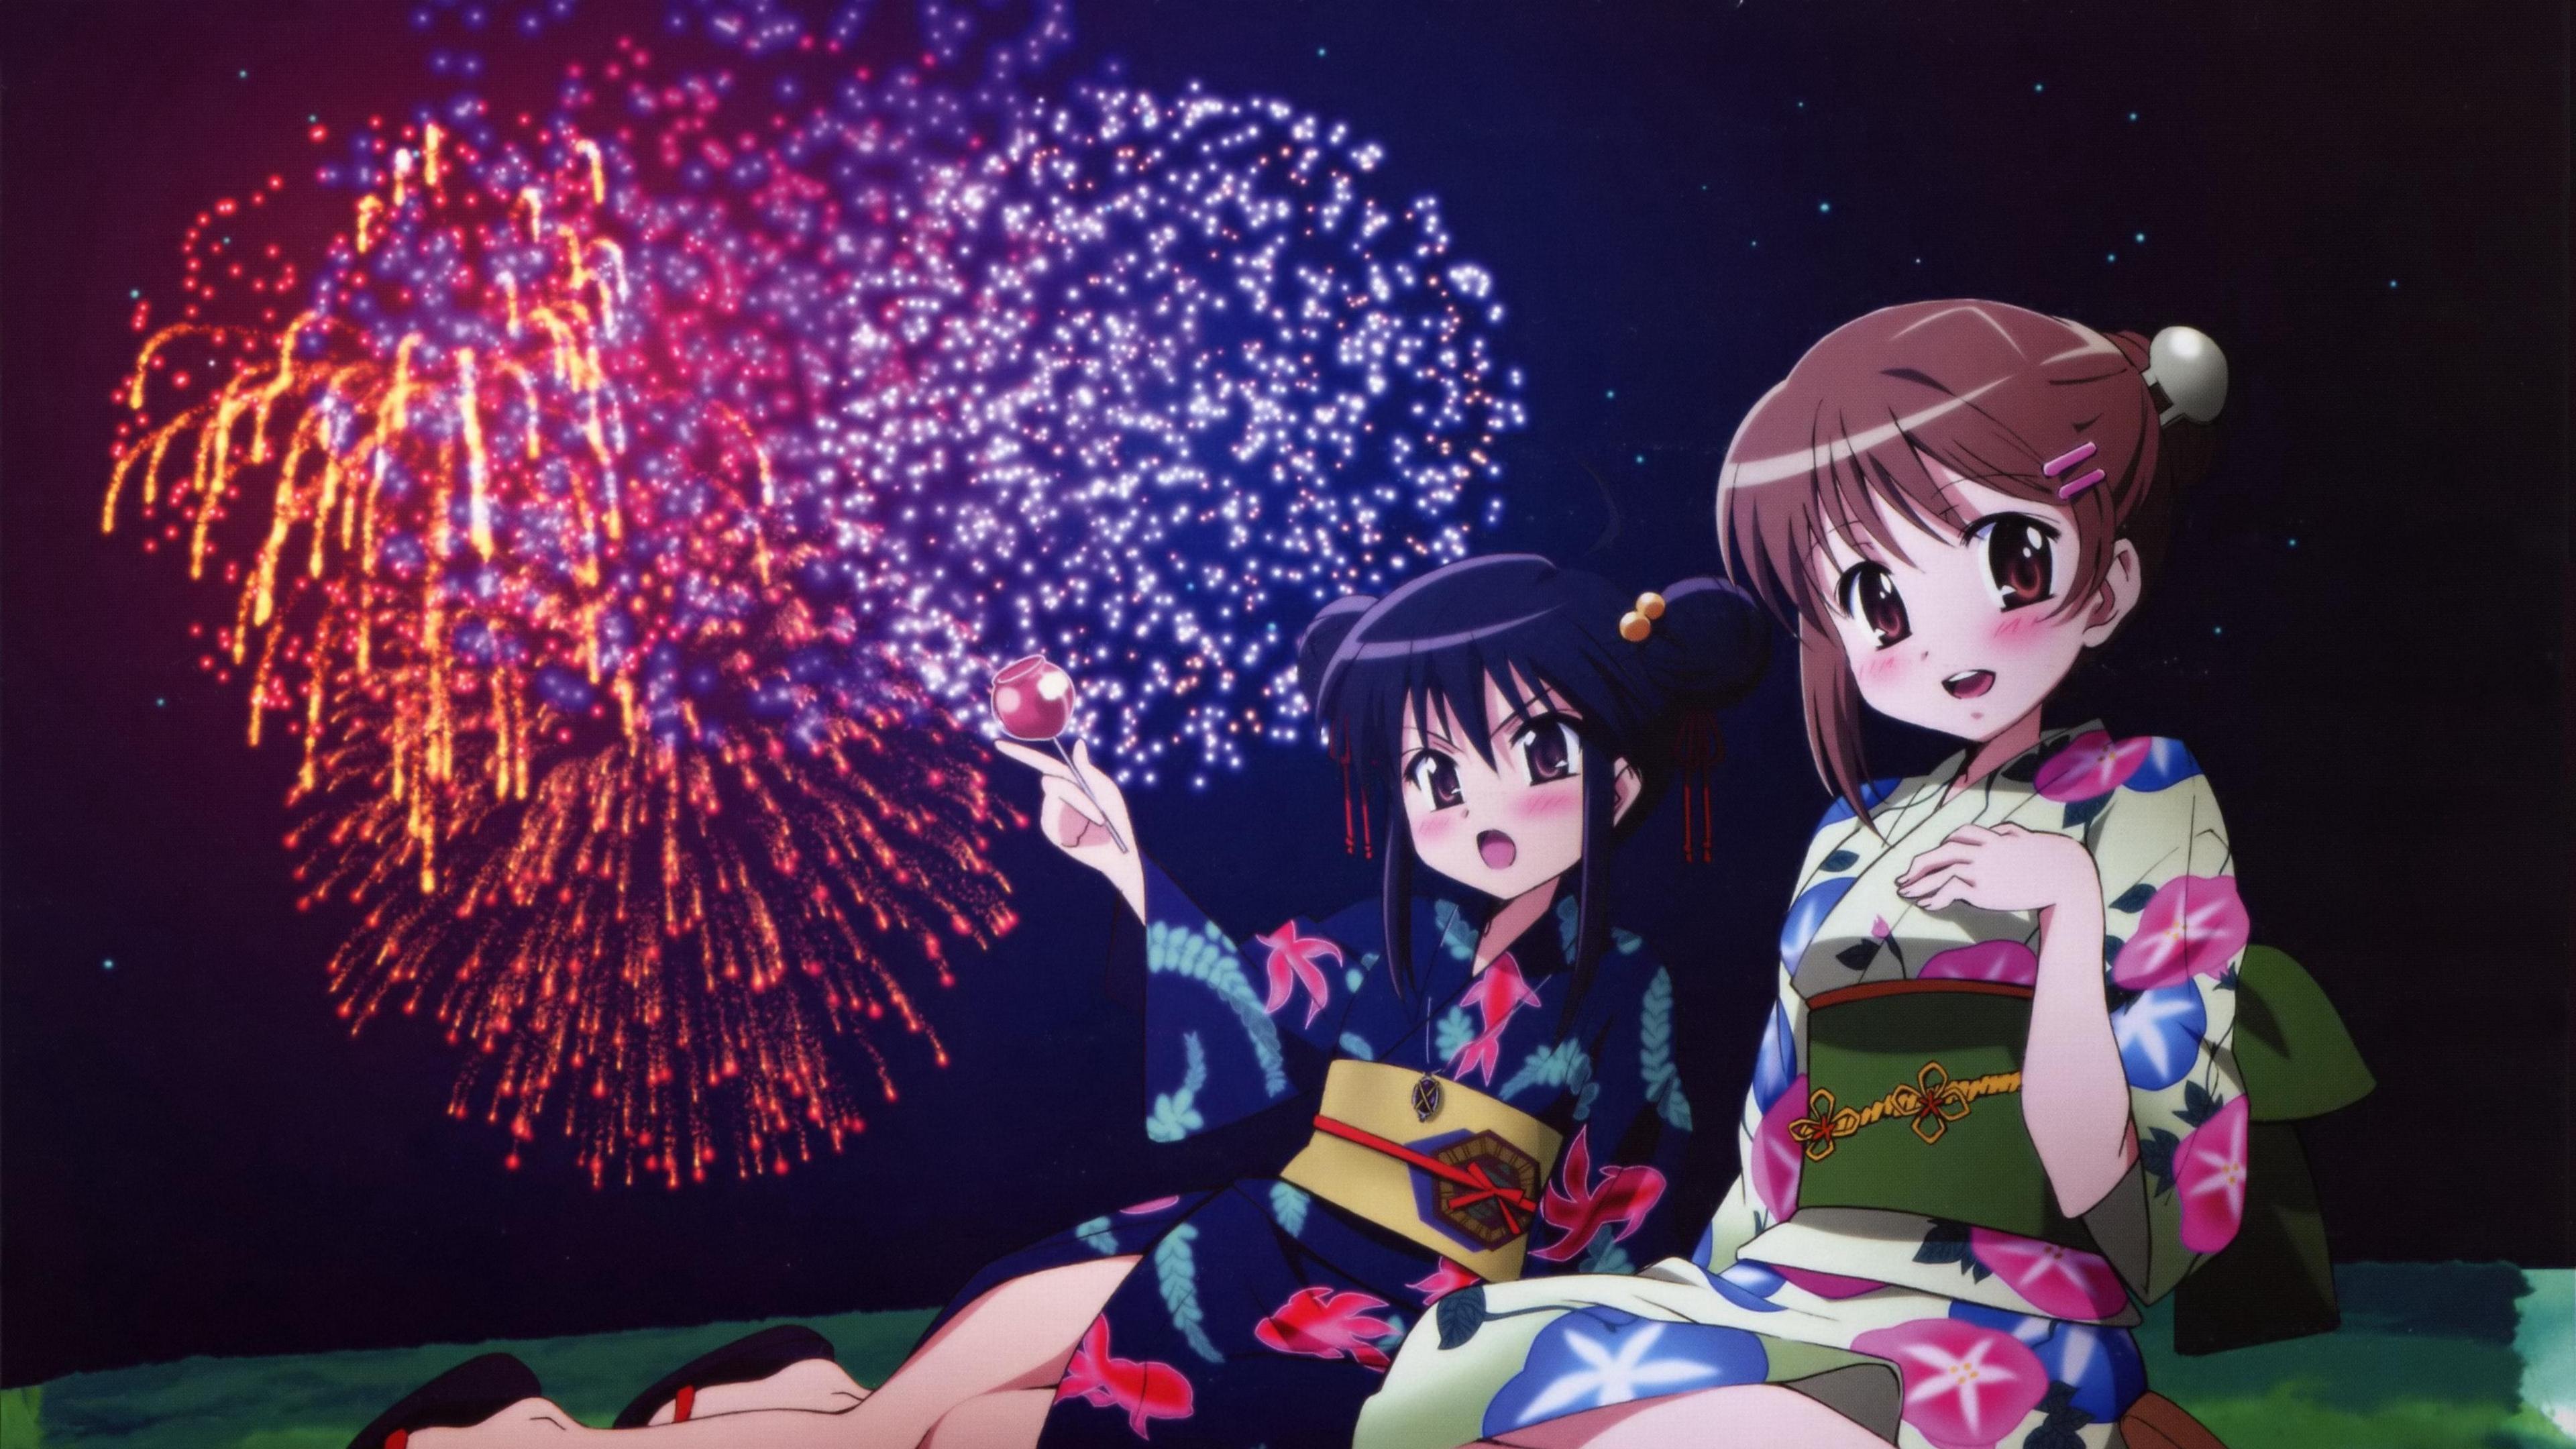 shakugan no shana girls fireworks kimono 4k 1541975605 - shakugan no shana, girls, fireworks, kimono 4k - shakugan no shana, Girls, Fireworks